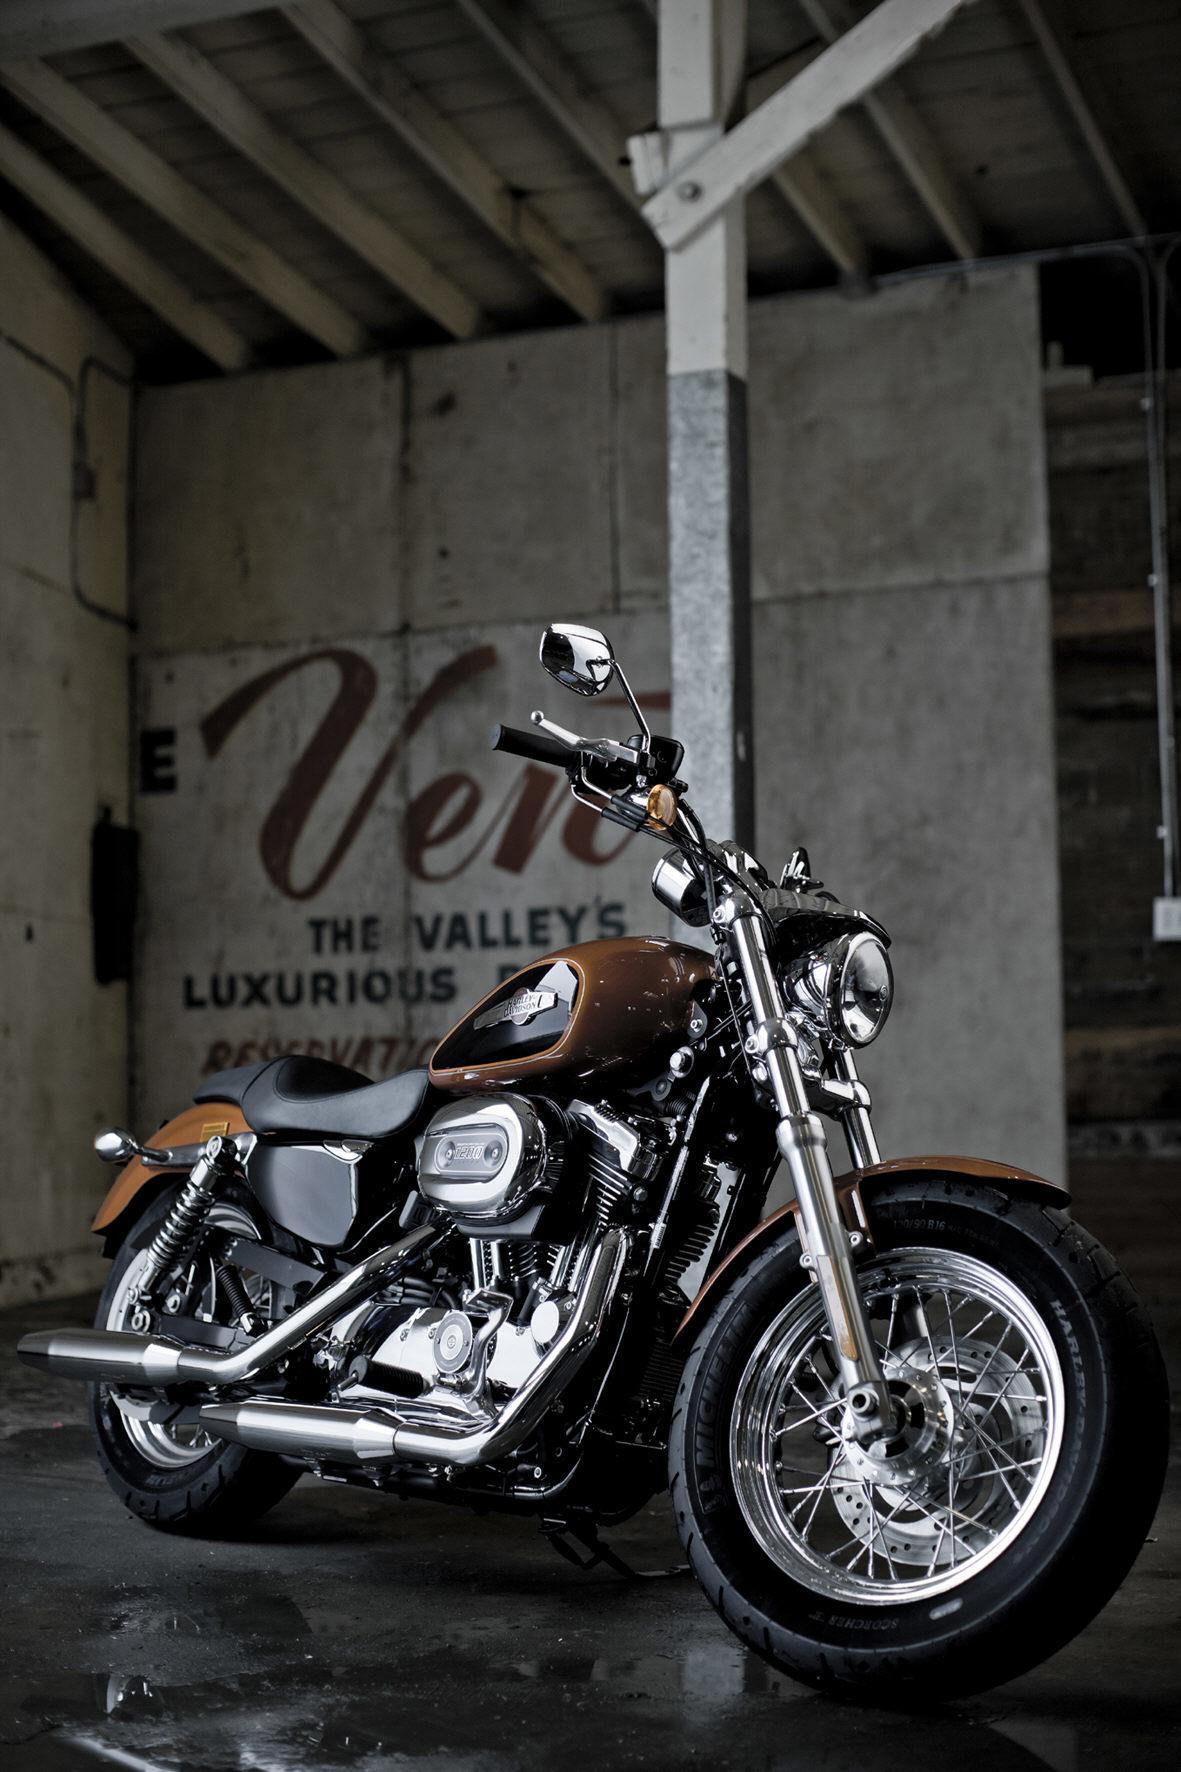 mid Groß-Gerau - Das angesagteste Gebraucht-Bike ist laut Autoscout24 die Harley-Davidson Sportster 1200.